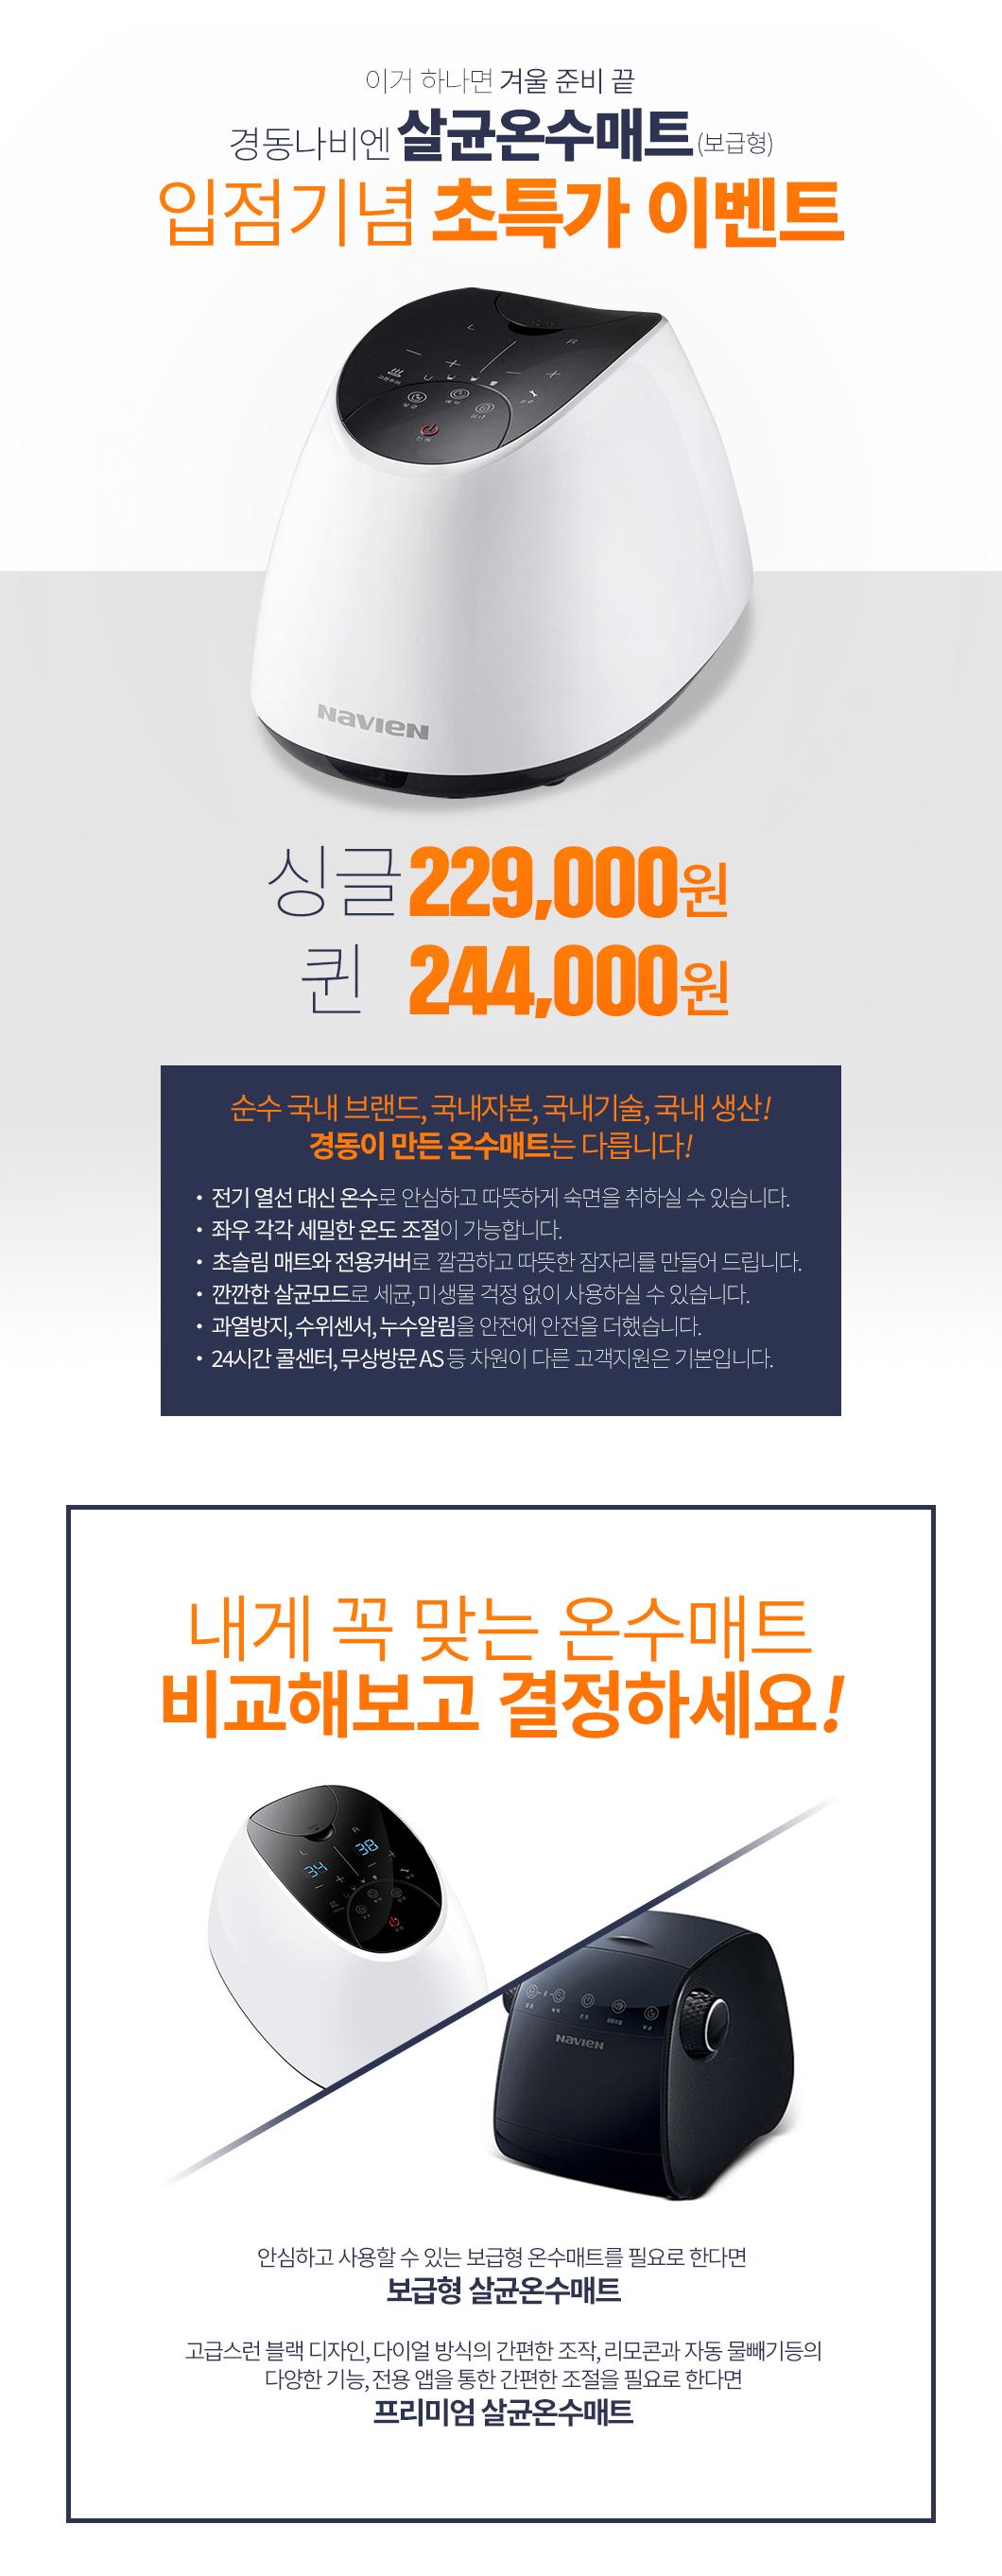 0819_경동온수매트보급형_상단_01.jpg